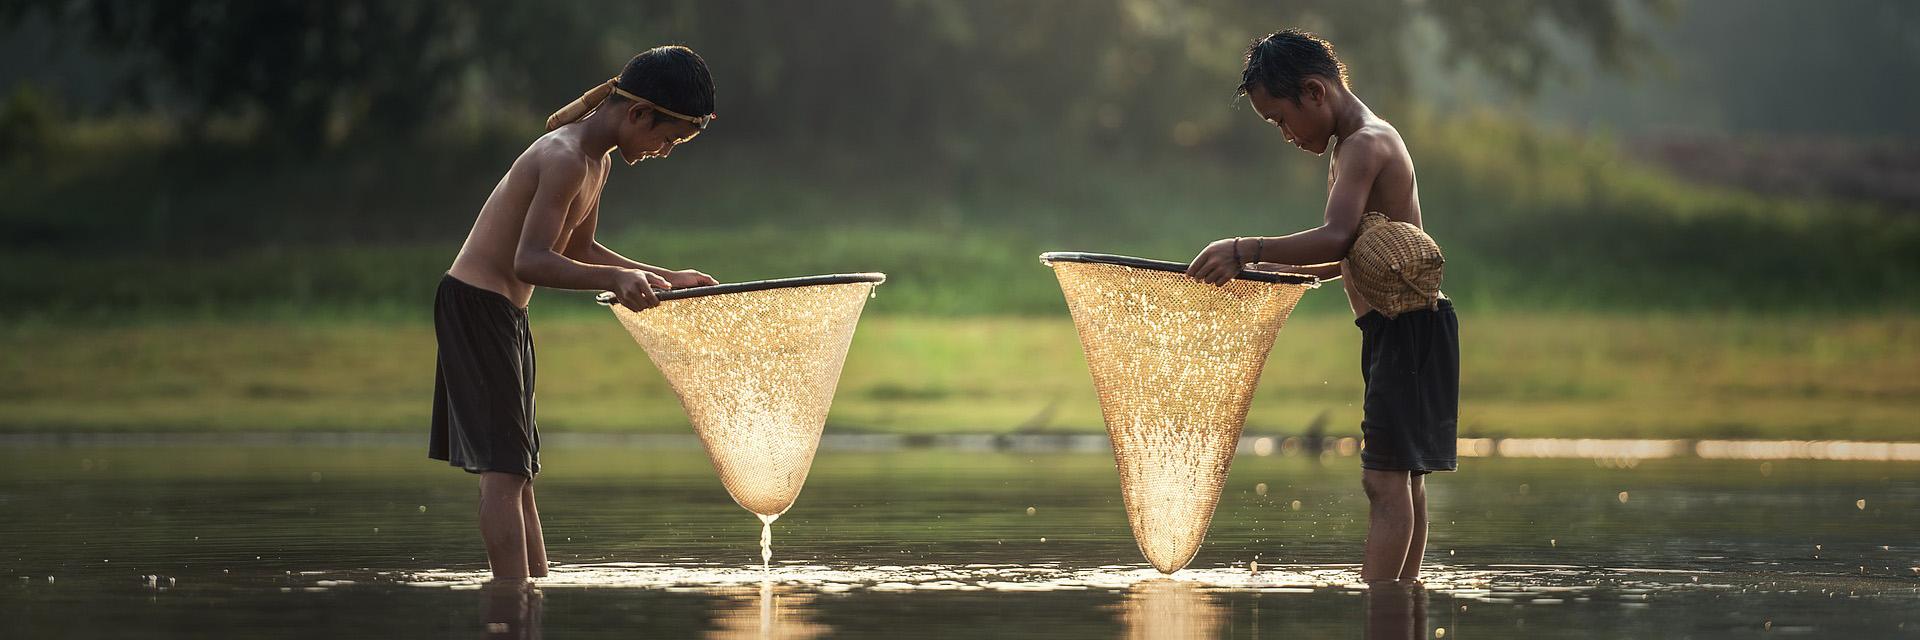 children-burma-myanmar